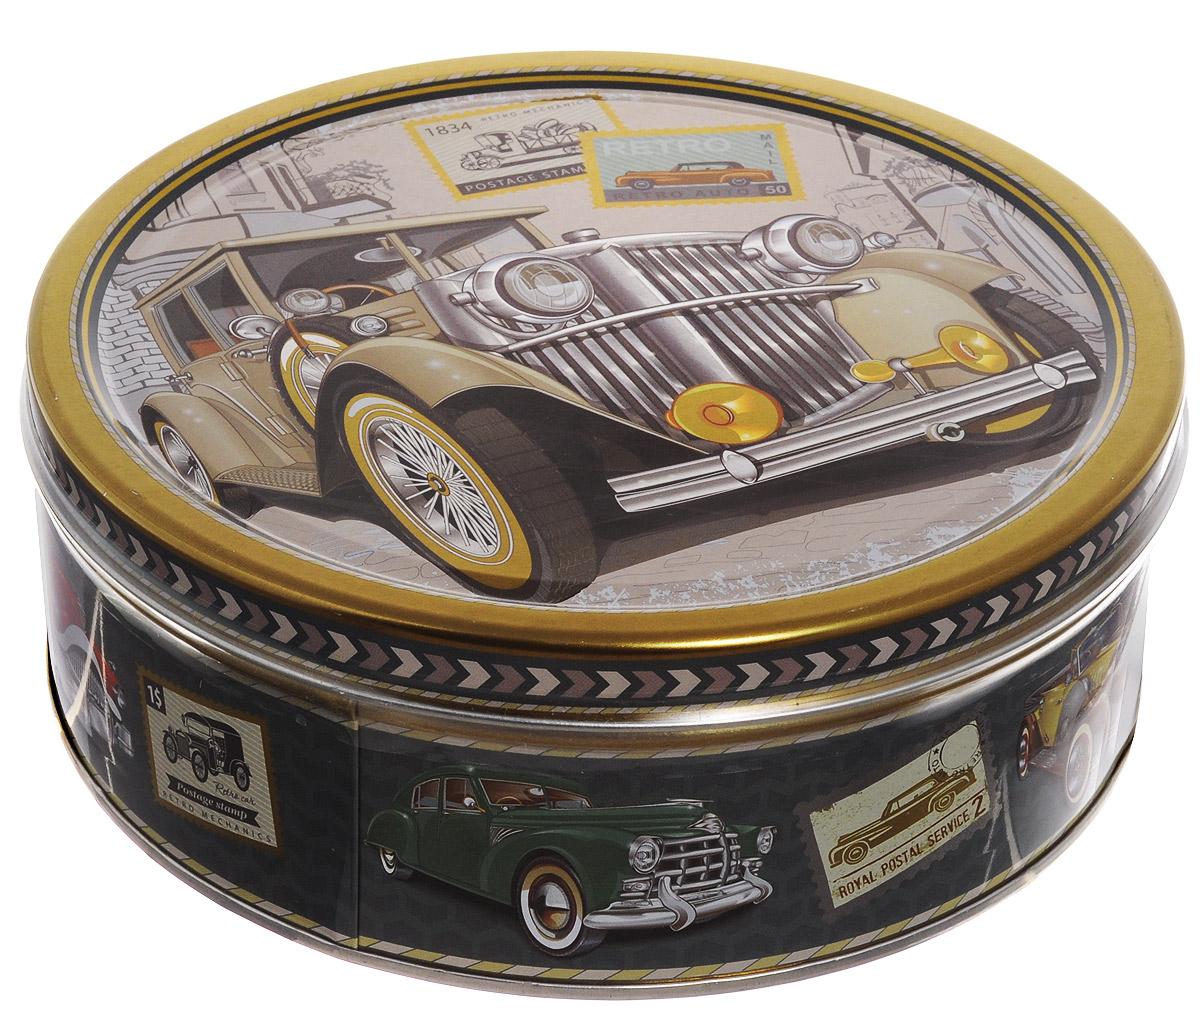 Monte Christo Ретромобиль печенье со сливочным маслом, 400 г4600416018192_бежевый автомобильВ современном мире тема ретромобиля невероятно актуальна: большинство мужчин с большим интересом погружаются в культуру старинных автомобилей, культуру 40-х годов ХХ века.Печенье Monte Christo Ретромобиль было создано специально для мужчин, как готовый подарок к любому празднику.В серии —три варианта винтажного дизайна. Пустую банку с изображением ретромобиля при желании можно оставить себе на память.